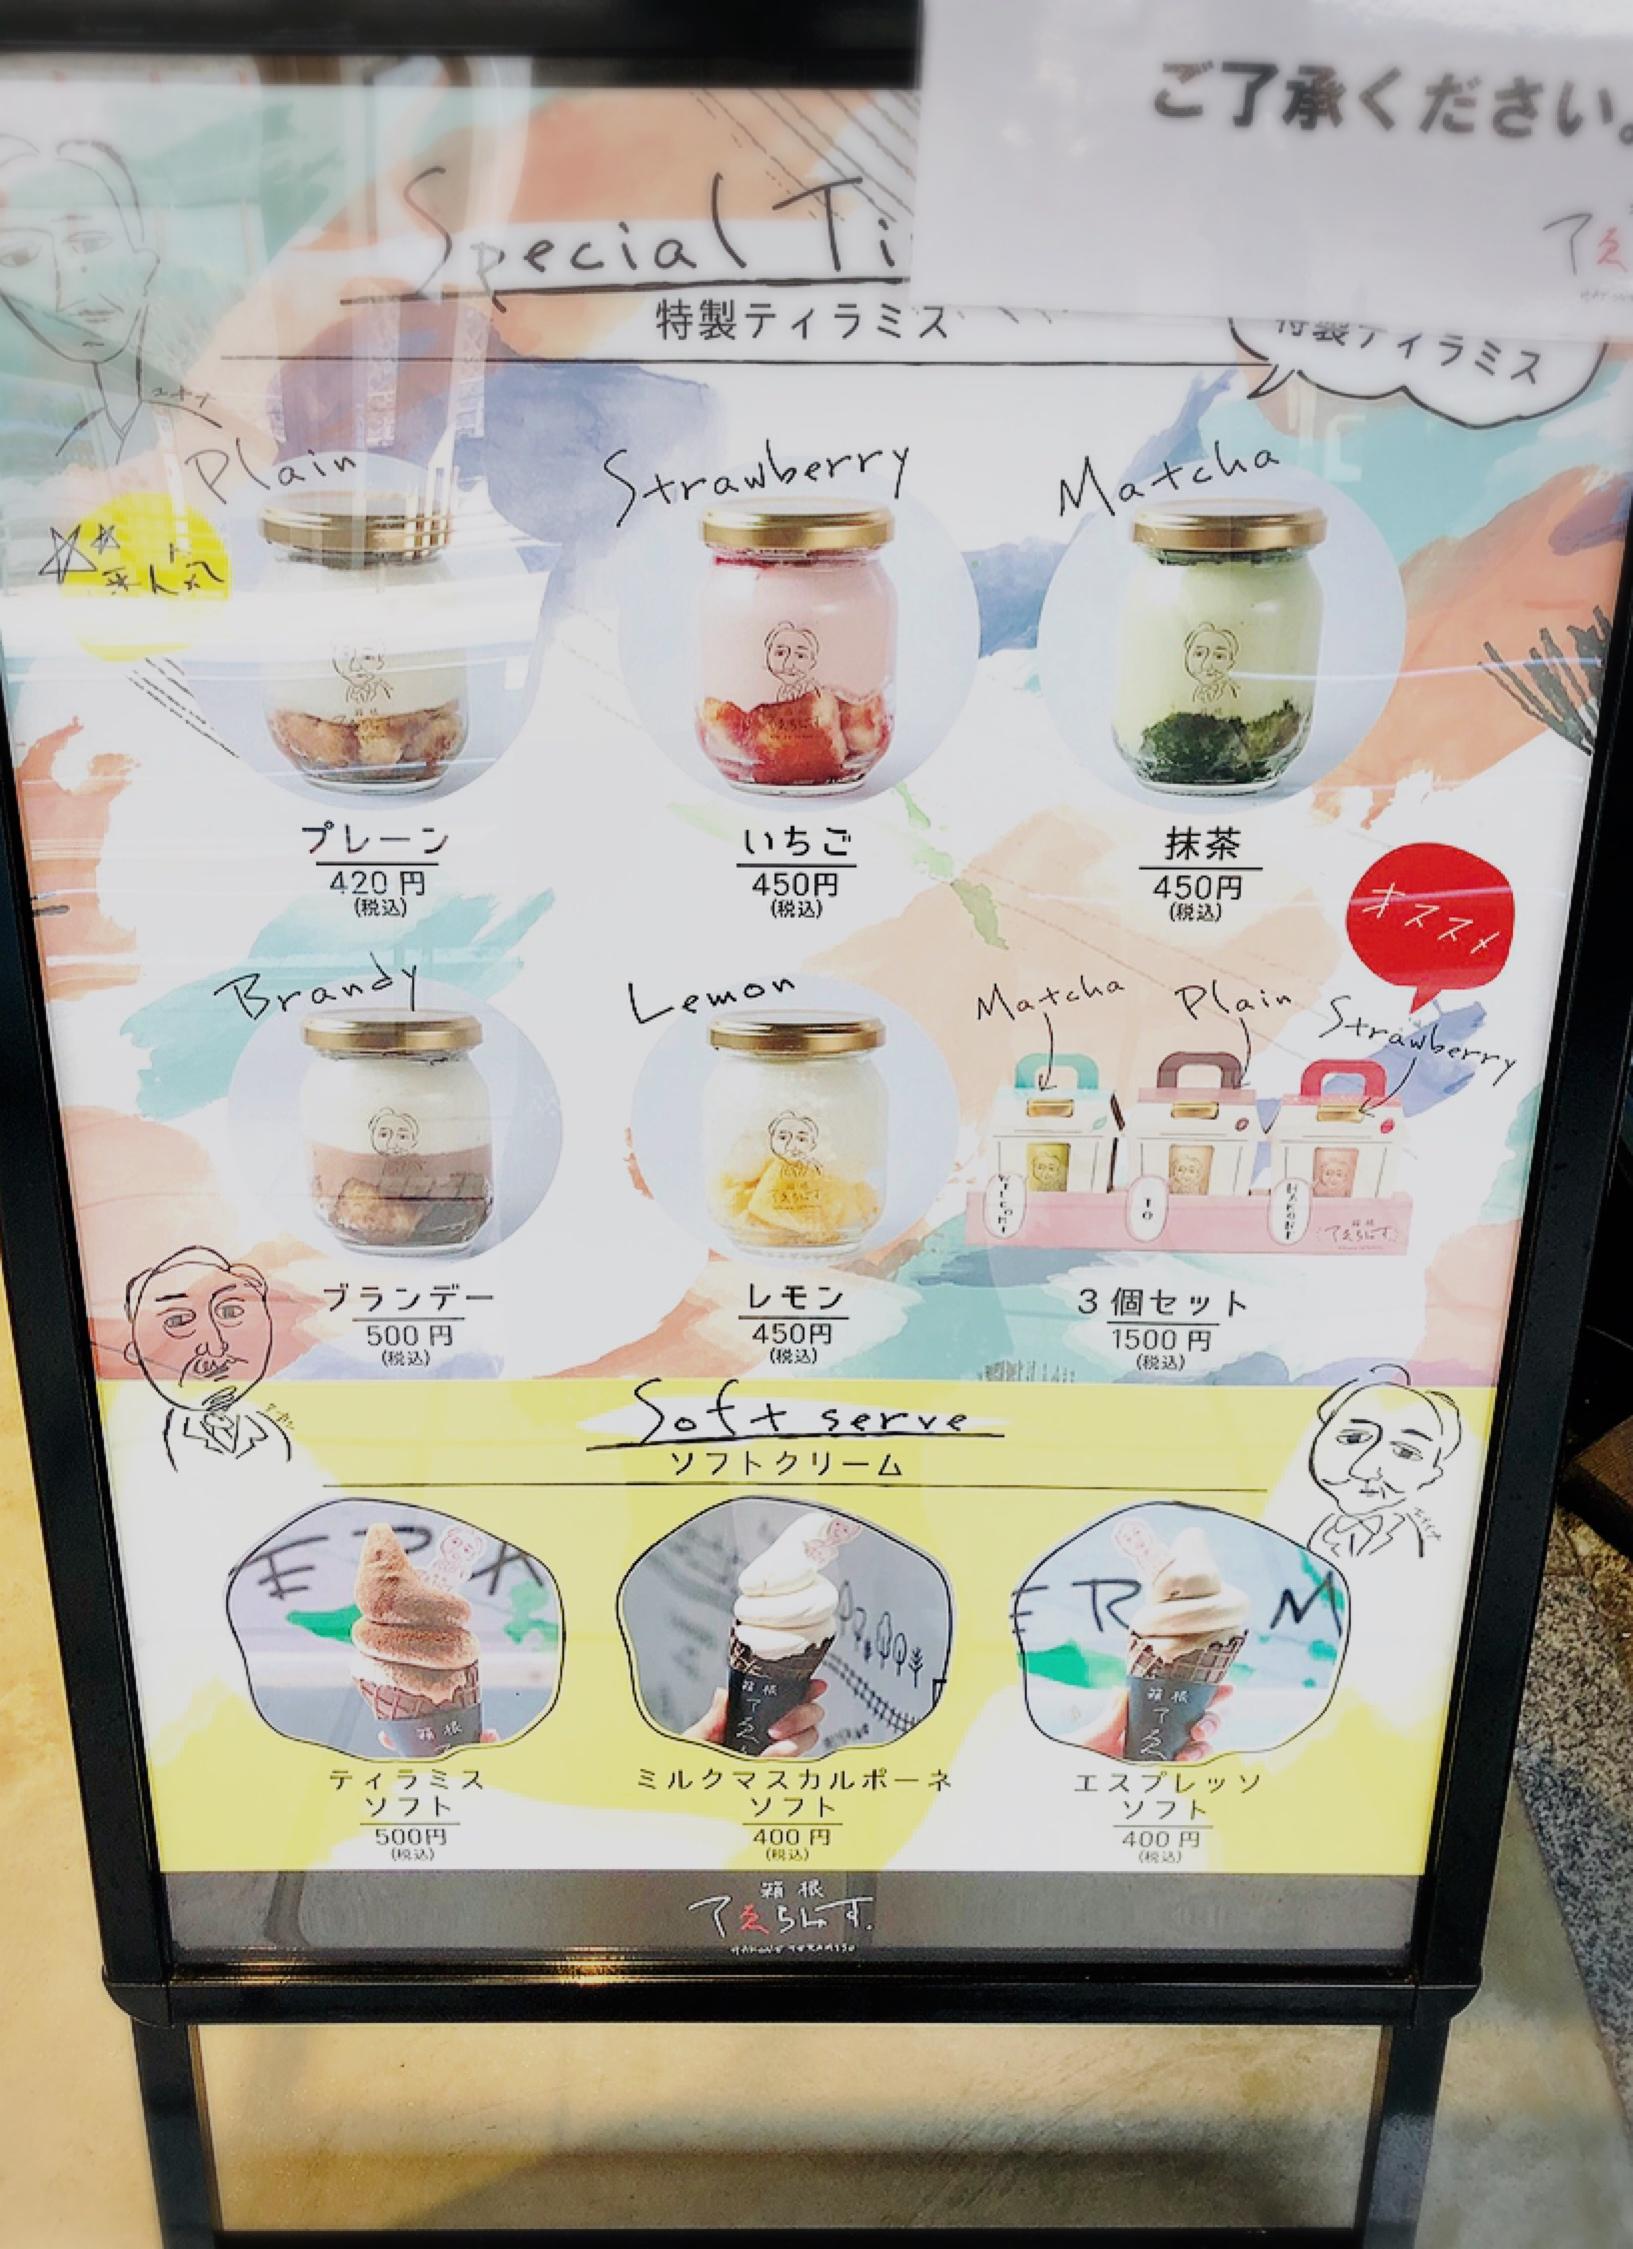 【#箱根】2020年夏OPENのティラミス専門店♡箱根湯本の注目新スポットはココ!《箱根てゑらみす》_3